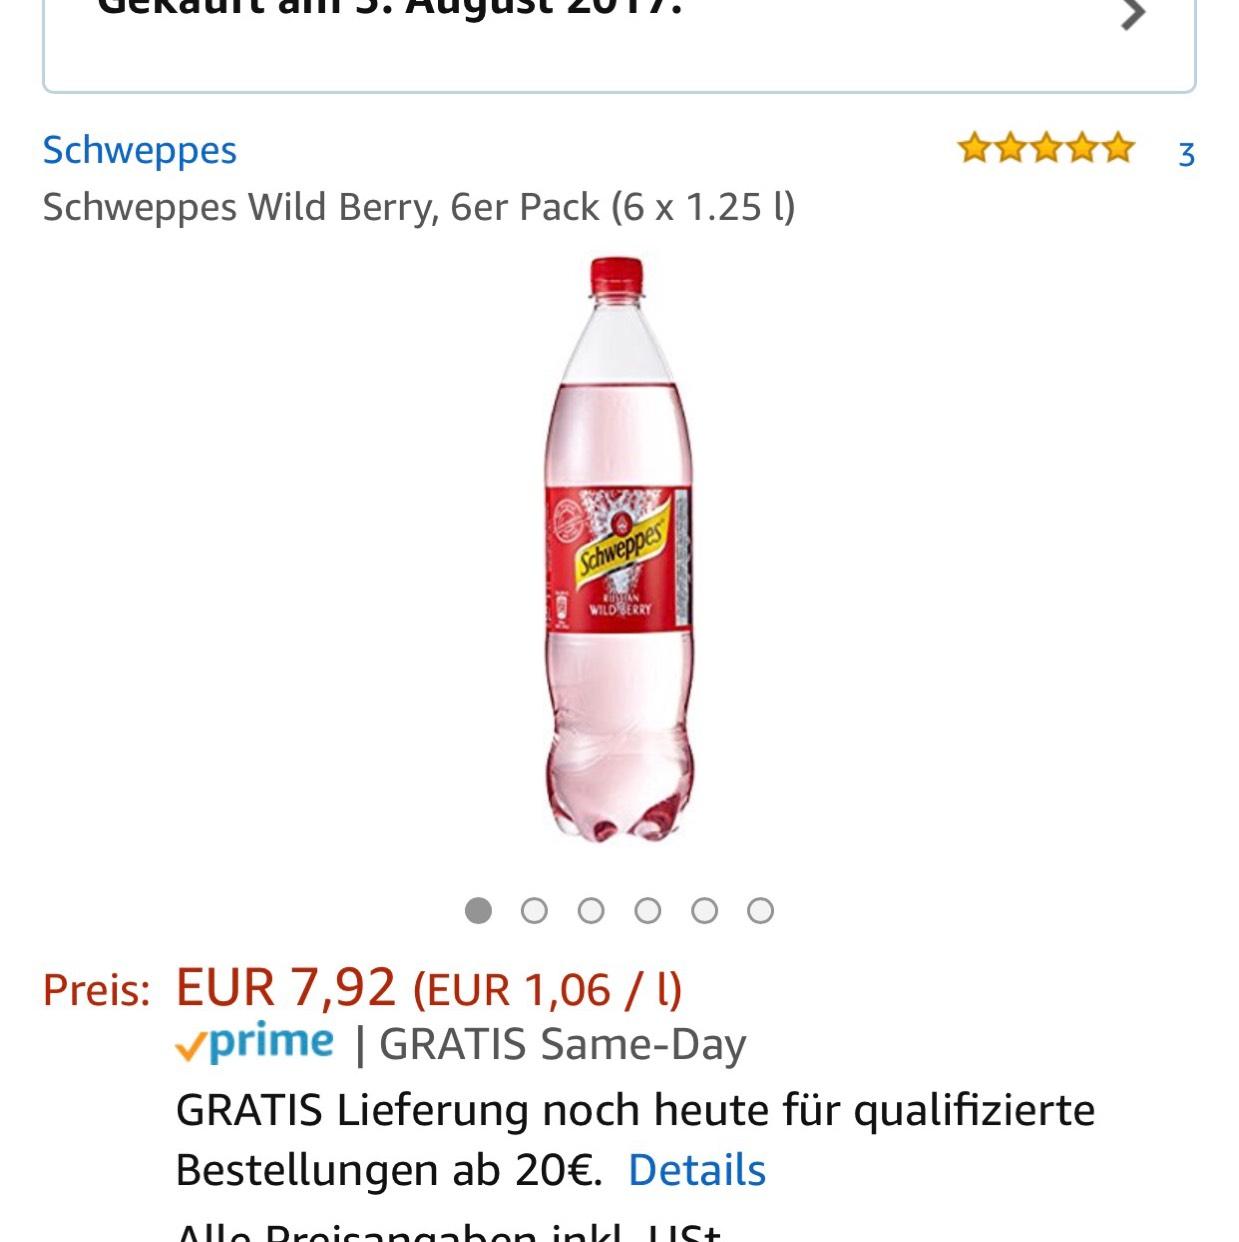 Schweppes Russian Wild Berry 6x1,25 l für umgerechnet 1,06€/l mit Amazon Prime